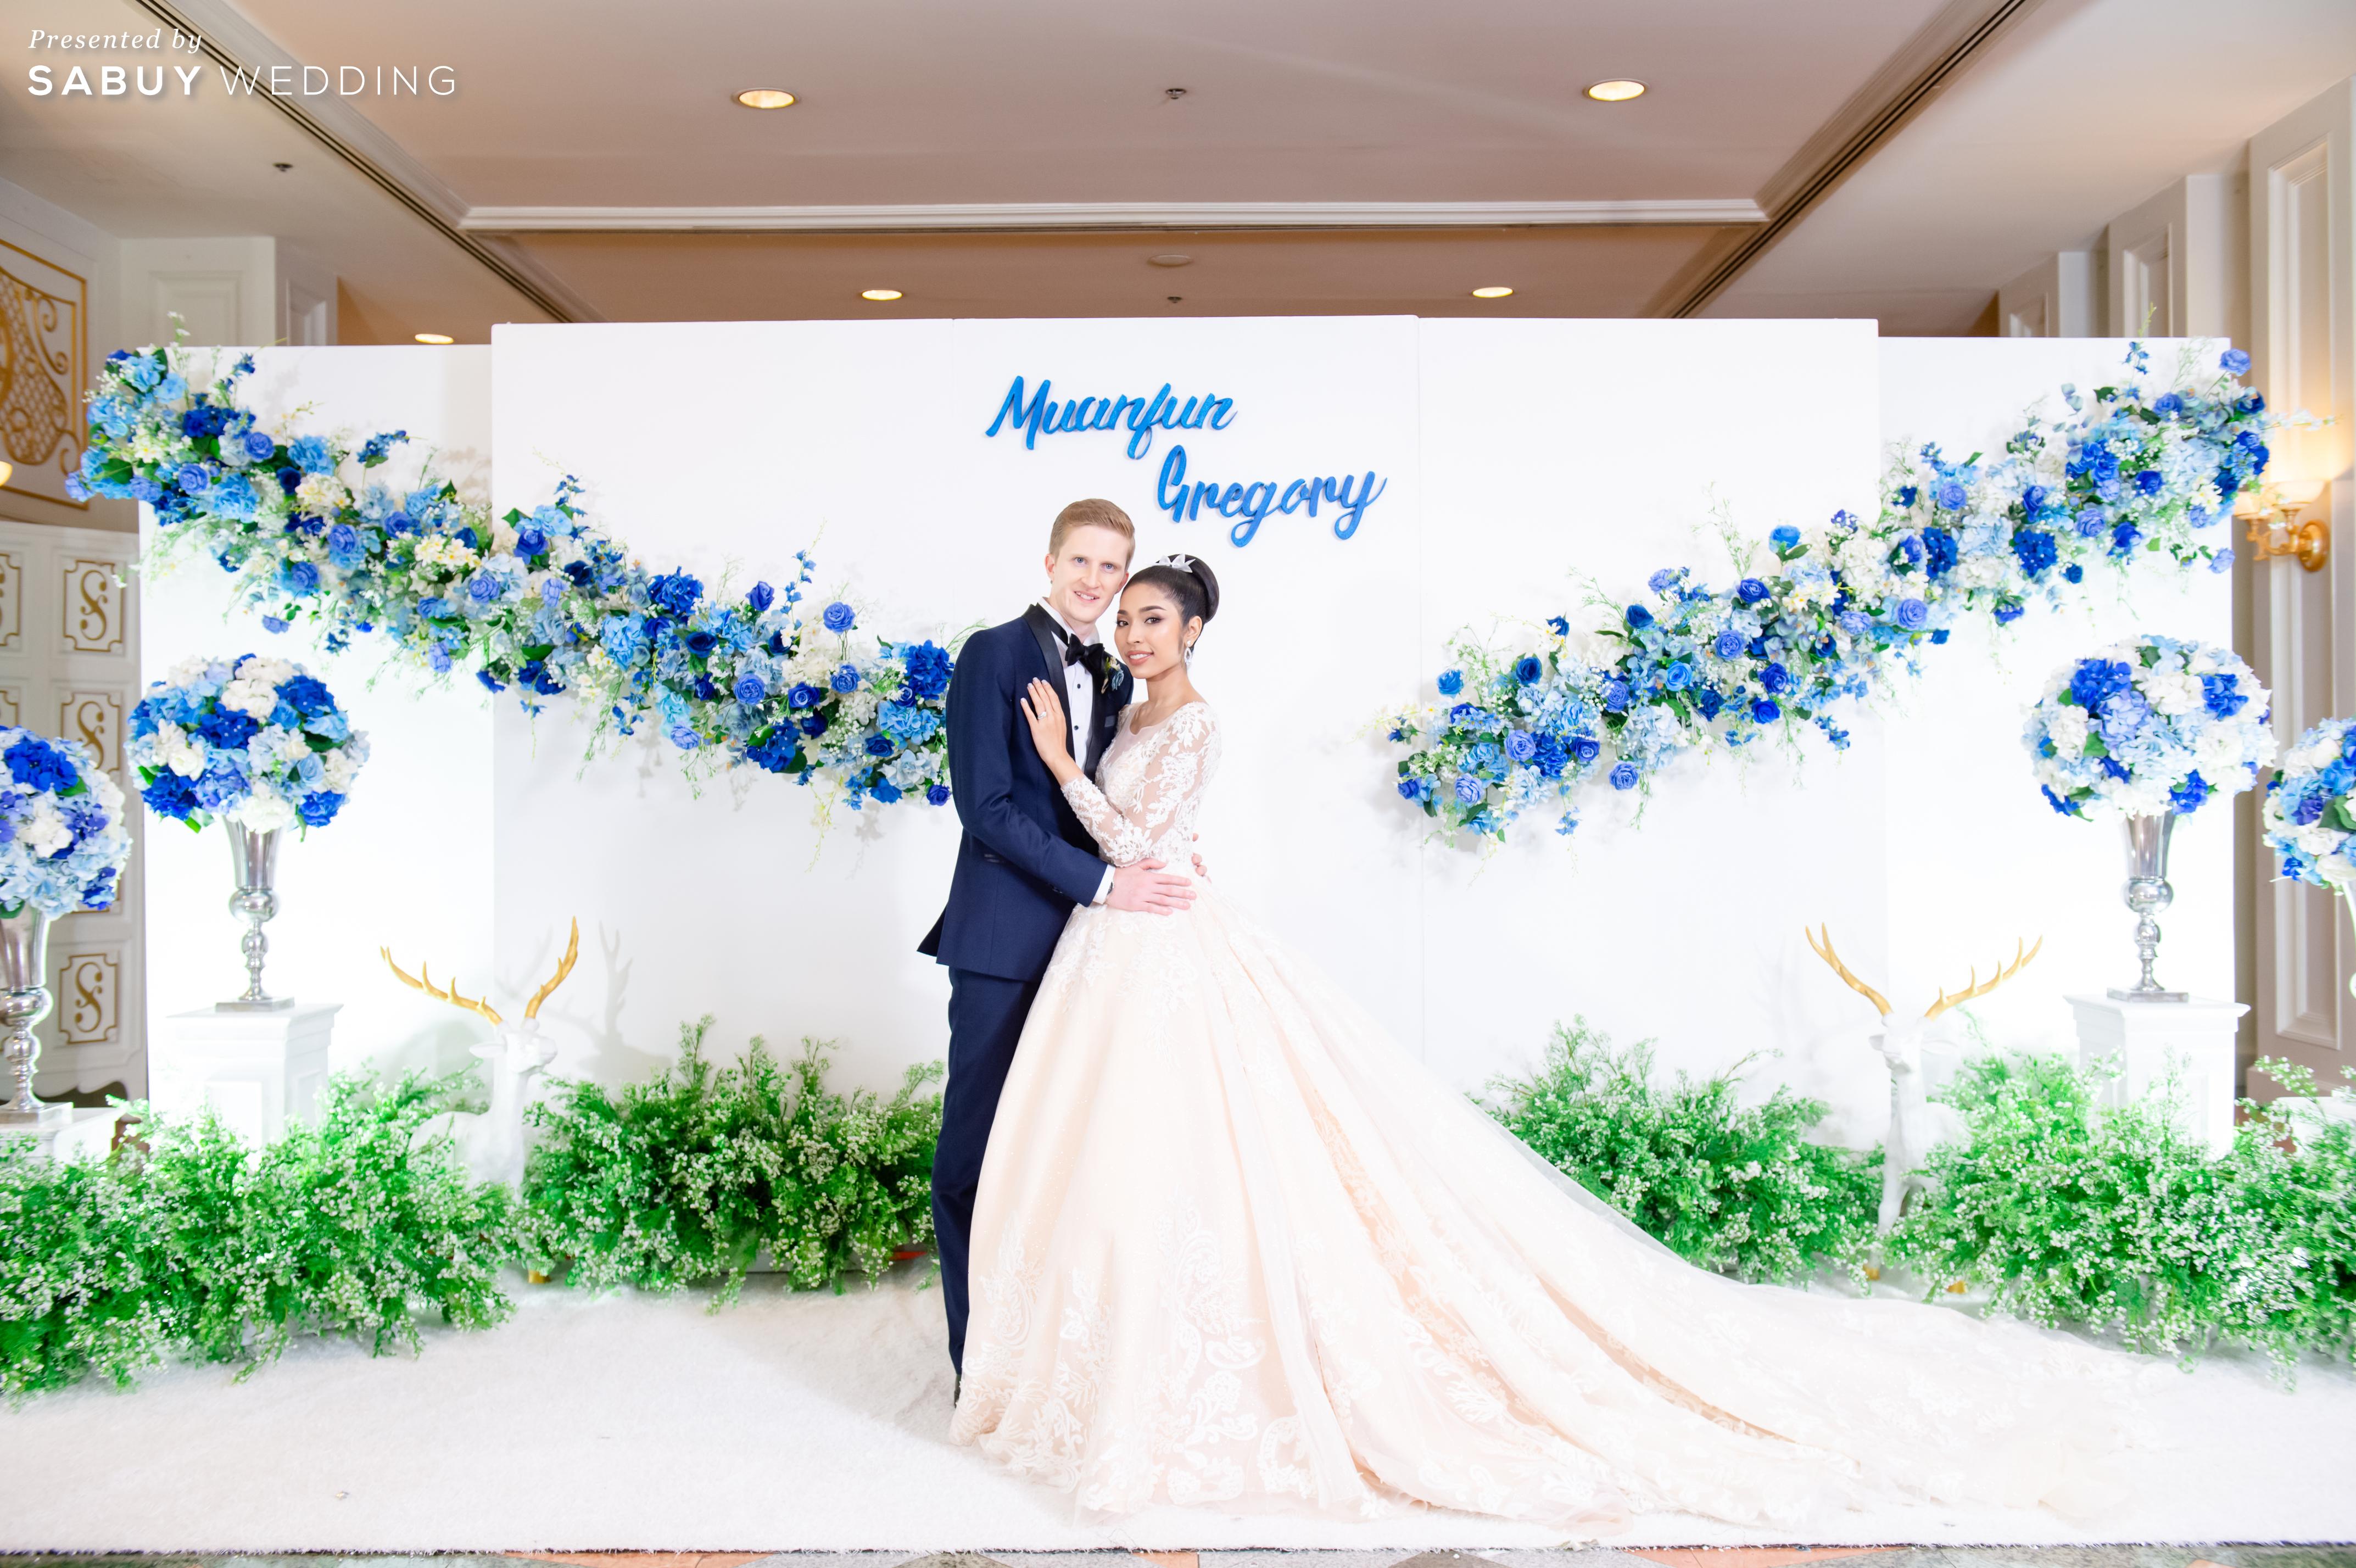 สถานที่แต่งงาน,ตกแต่งงานแต่ง,ออแกไนเซอร์ รีวิวงานแต่งสองวัฒนธรรม สวยปัง ดูคลาสสิก @ Impact Muang Thong Thani